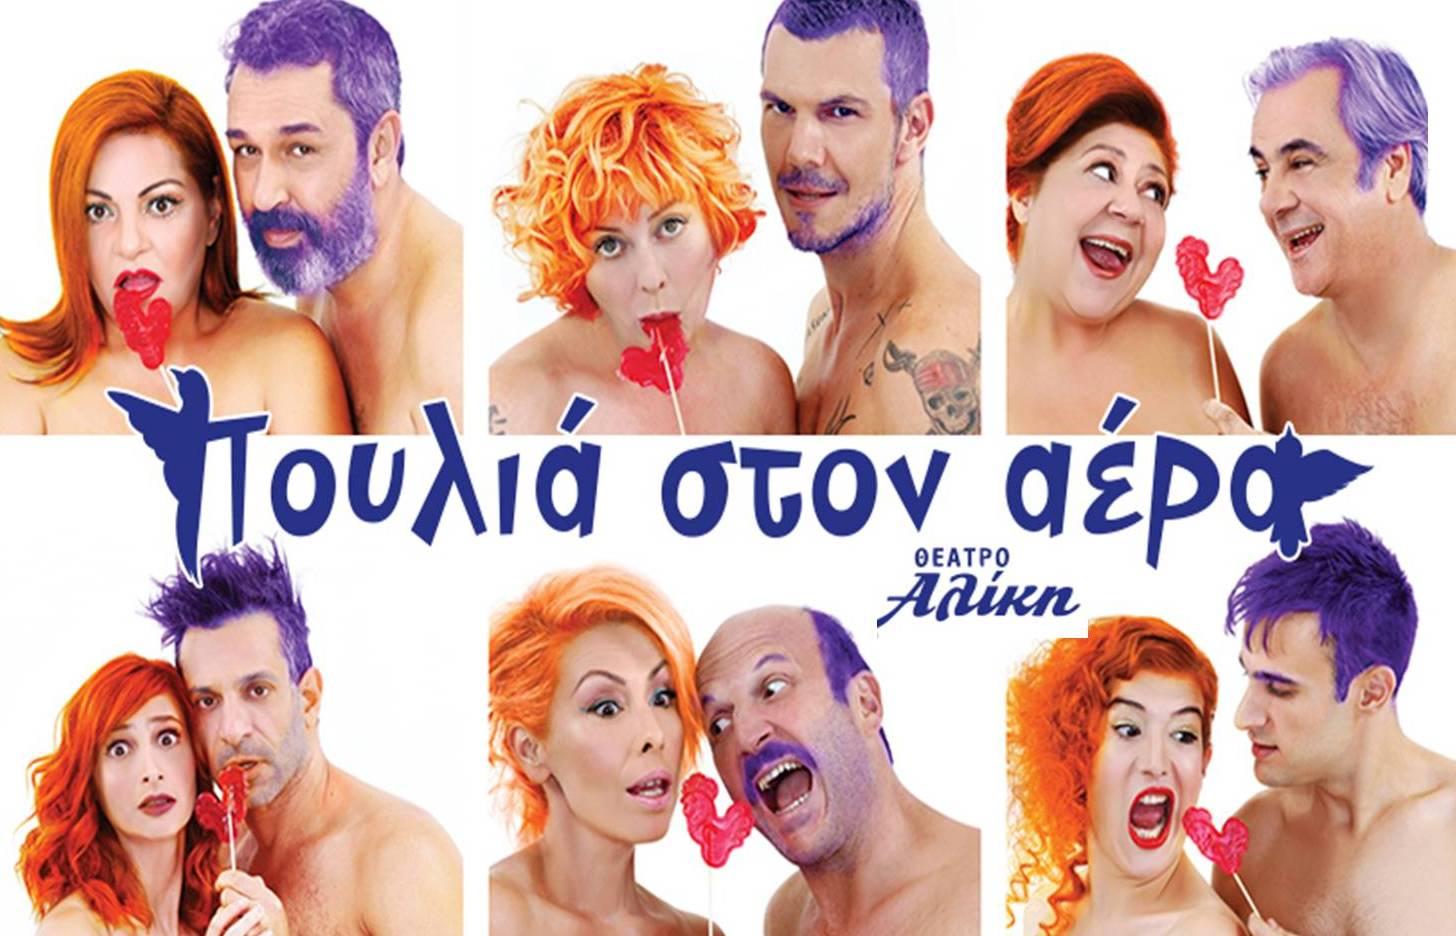 Από 13€ στην ελαφρώς «ανήθικη» κωμωδία, του μετρ της γαλλικής φάρσας Georges Feydeau, ''Πουλιά στον Αέρα'', σε σκηνοθεσία Νίκου Μαστοράκη, στο Θέατρο Αλίκη. Με τους B. Σταυροπούλου, Χ. Χατζηπαναγιώτη, Γιώργο Χρανιώτη κα! εικόνα